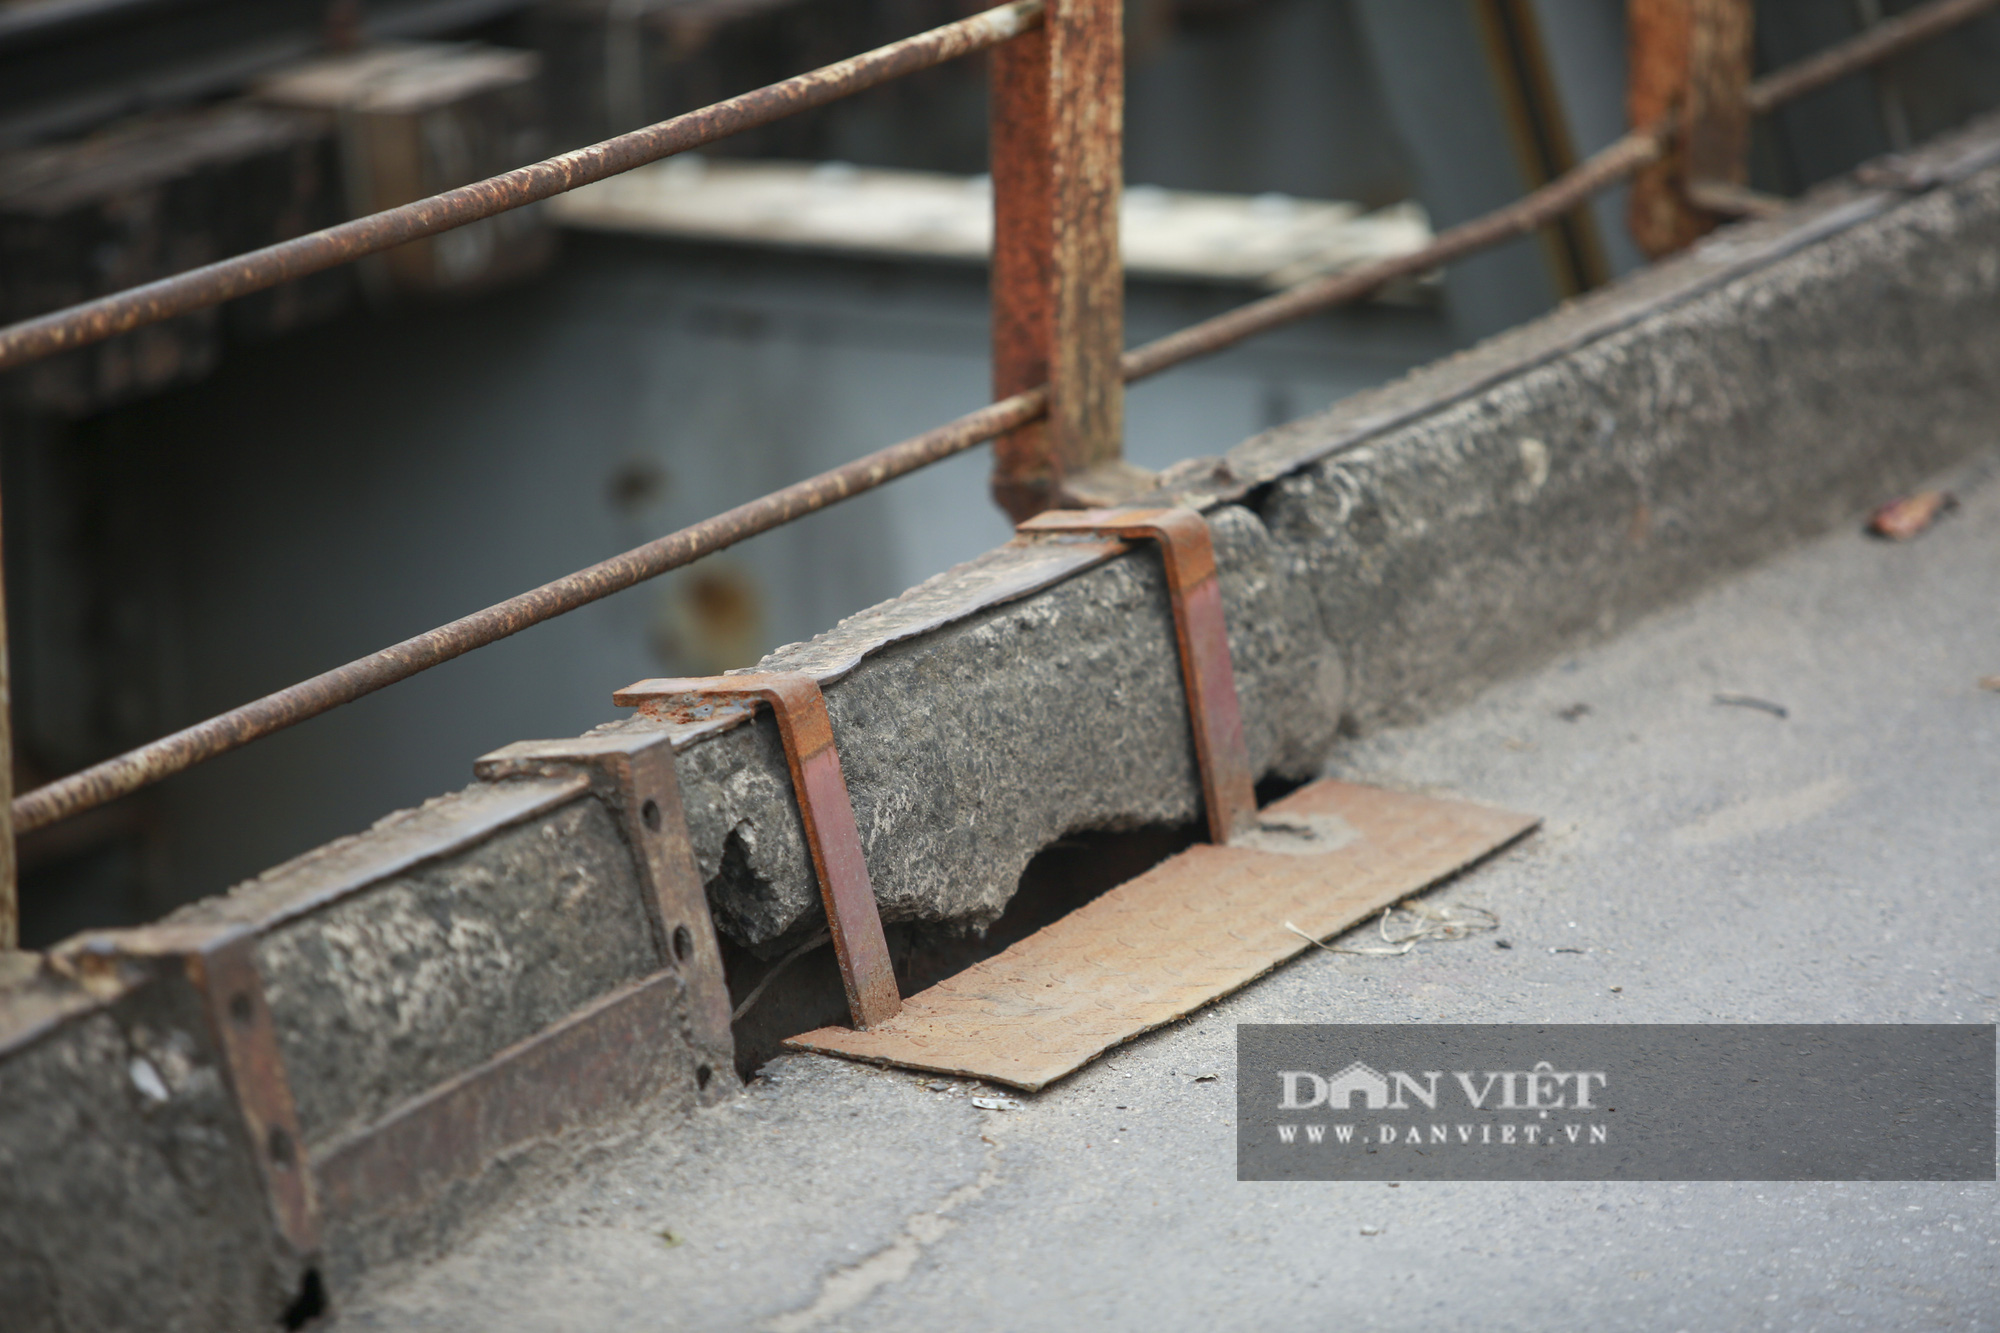 Cầu Long Biên xuống cấp đến không ngờ, mặt đường nhiều ổ gà, hở hàm ếch có thể nhìn rõ mặt nước sông Hồng - Ảnh 6.